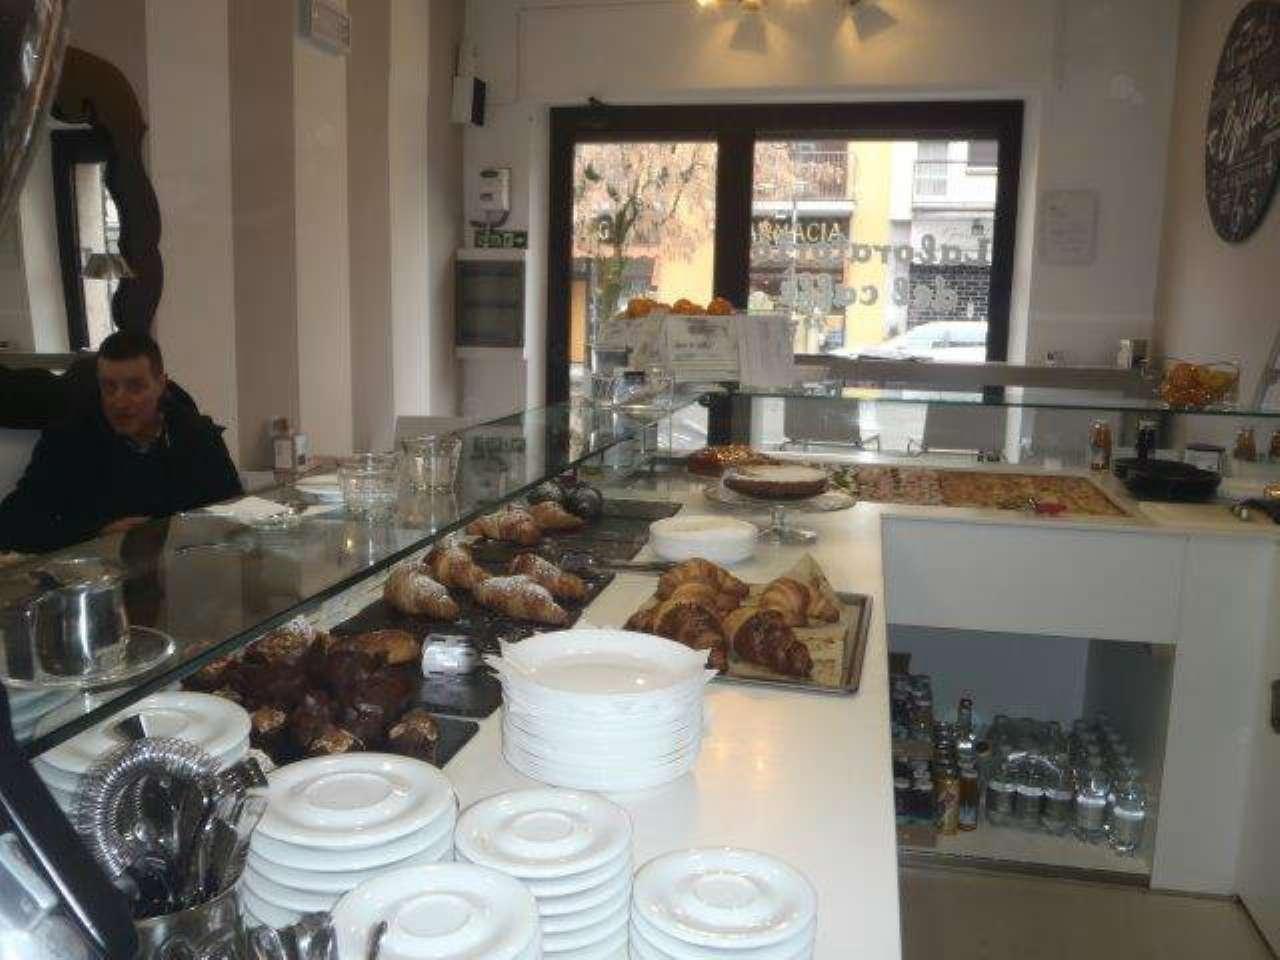 Tabacchi / Ricevitoria in vendita a Venaria Reale, 2 locali, prezzo € 85.000 | Cambio Casa.it